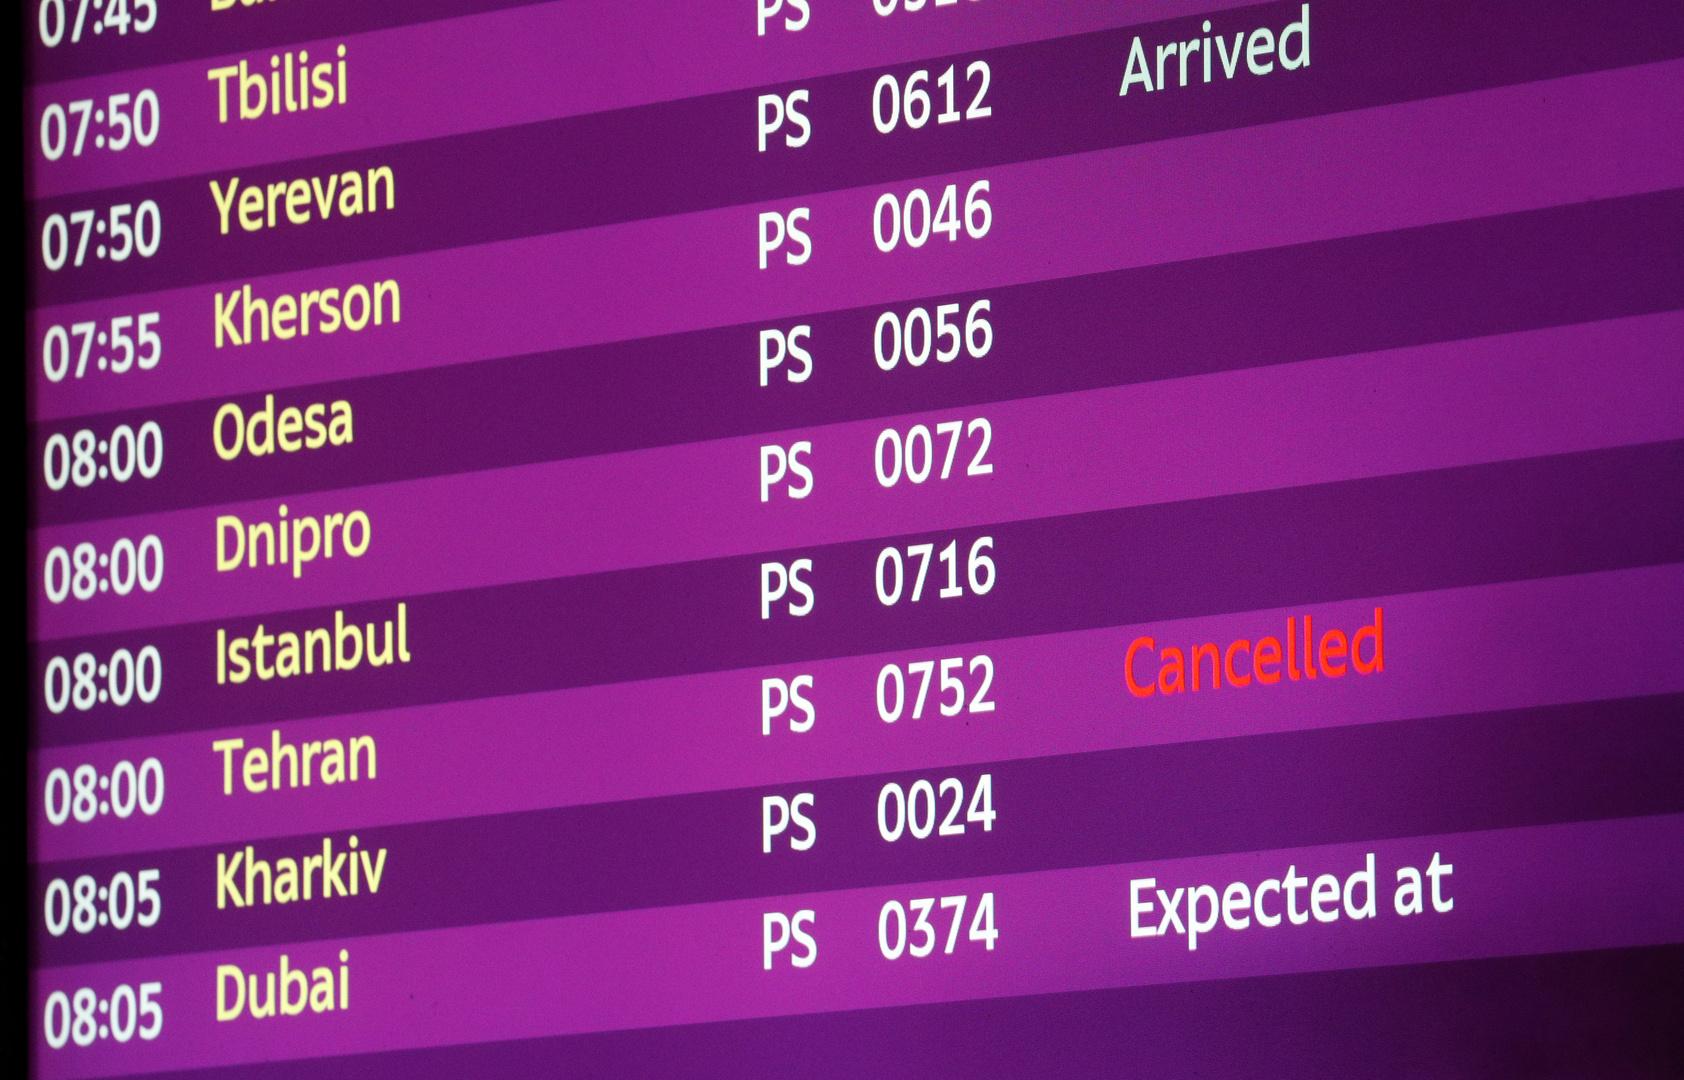 وكالة سلامة الطيران الأوروبية توصي بتفادي التحليق في أجواء إيران